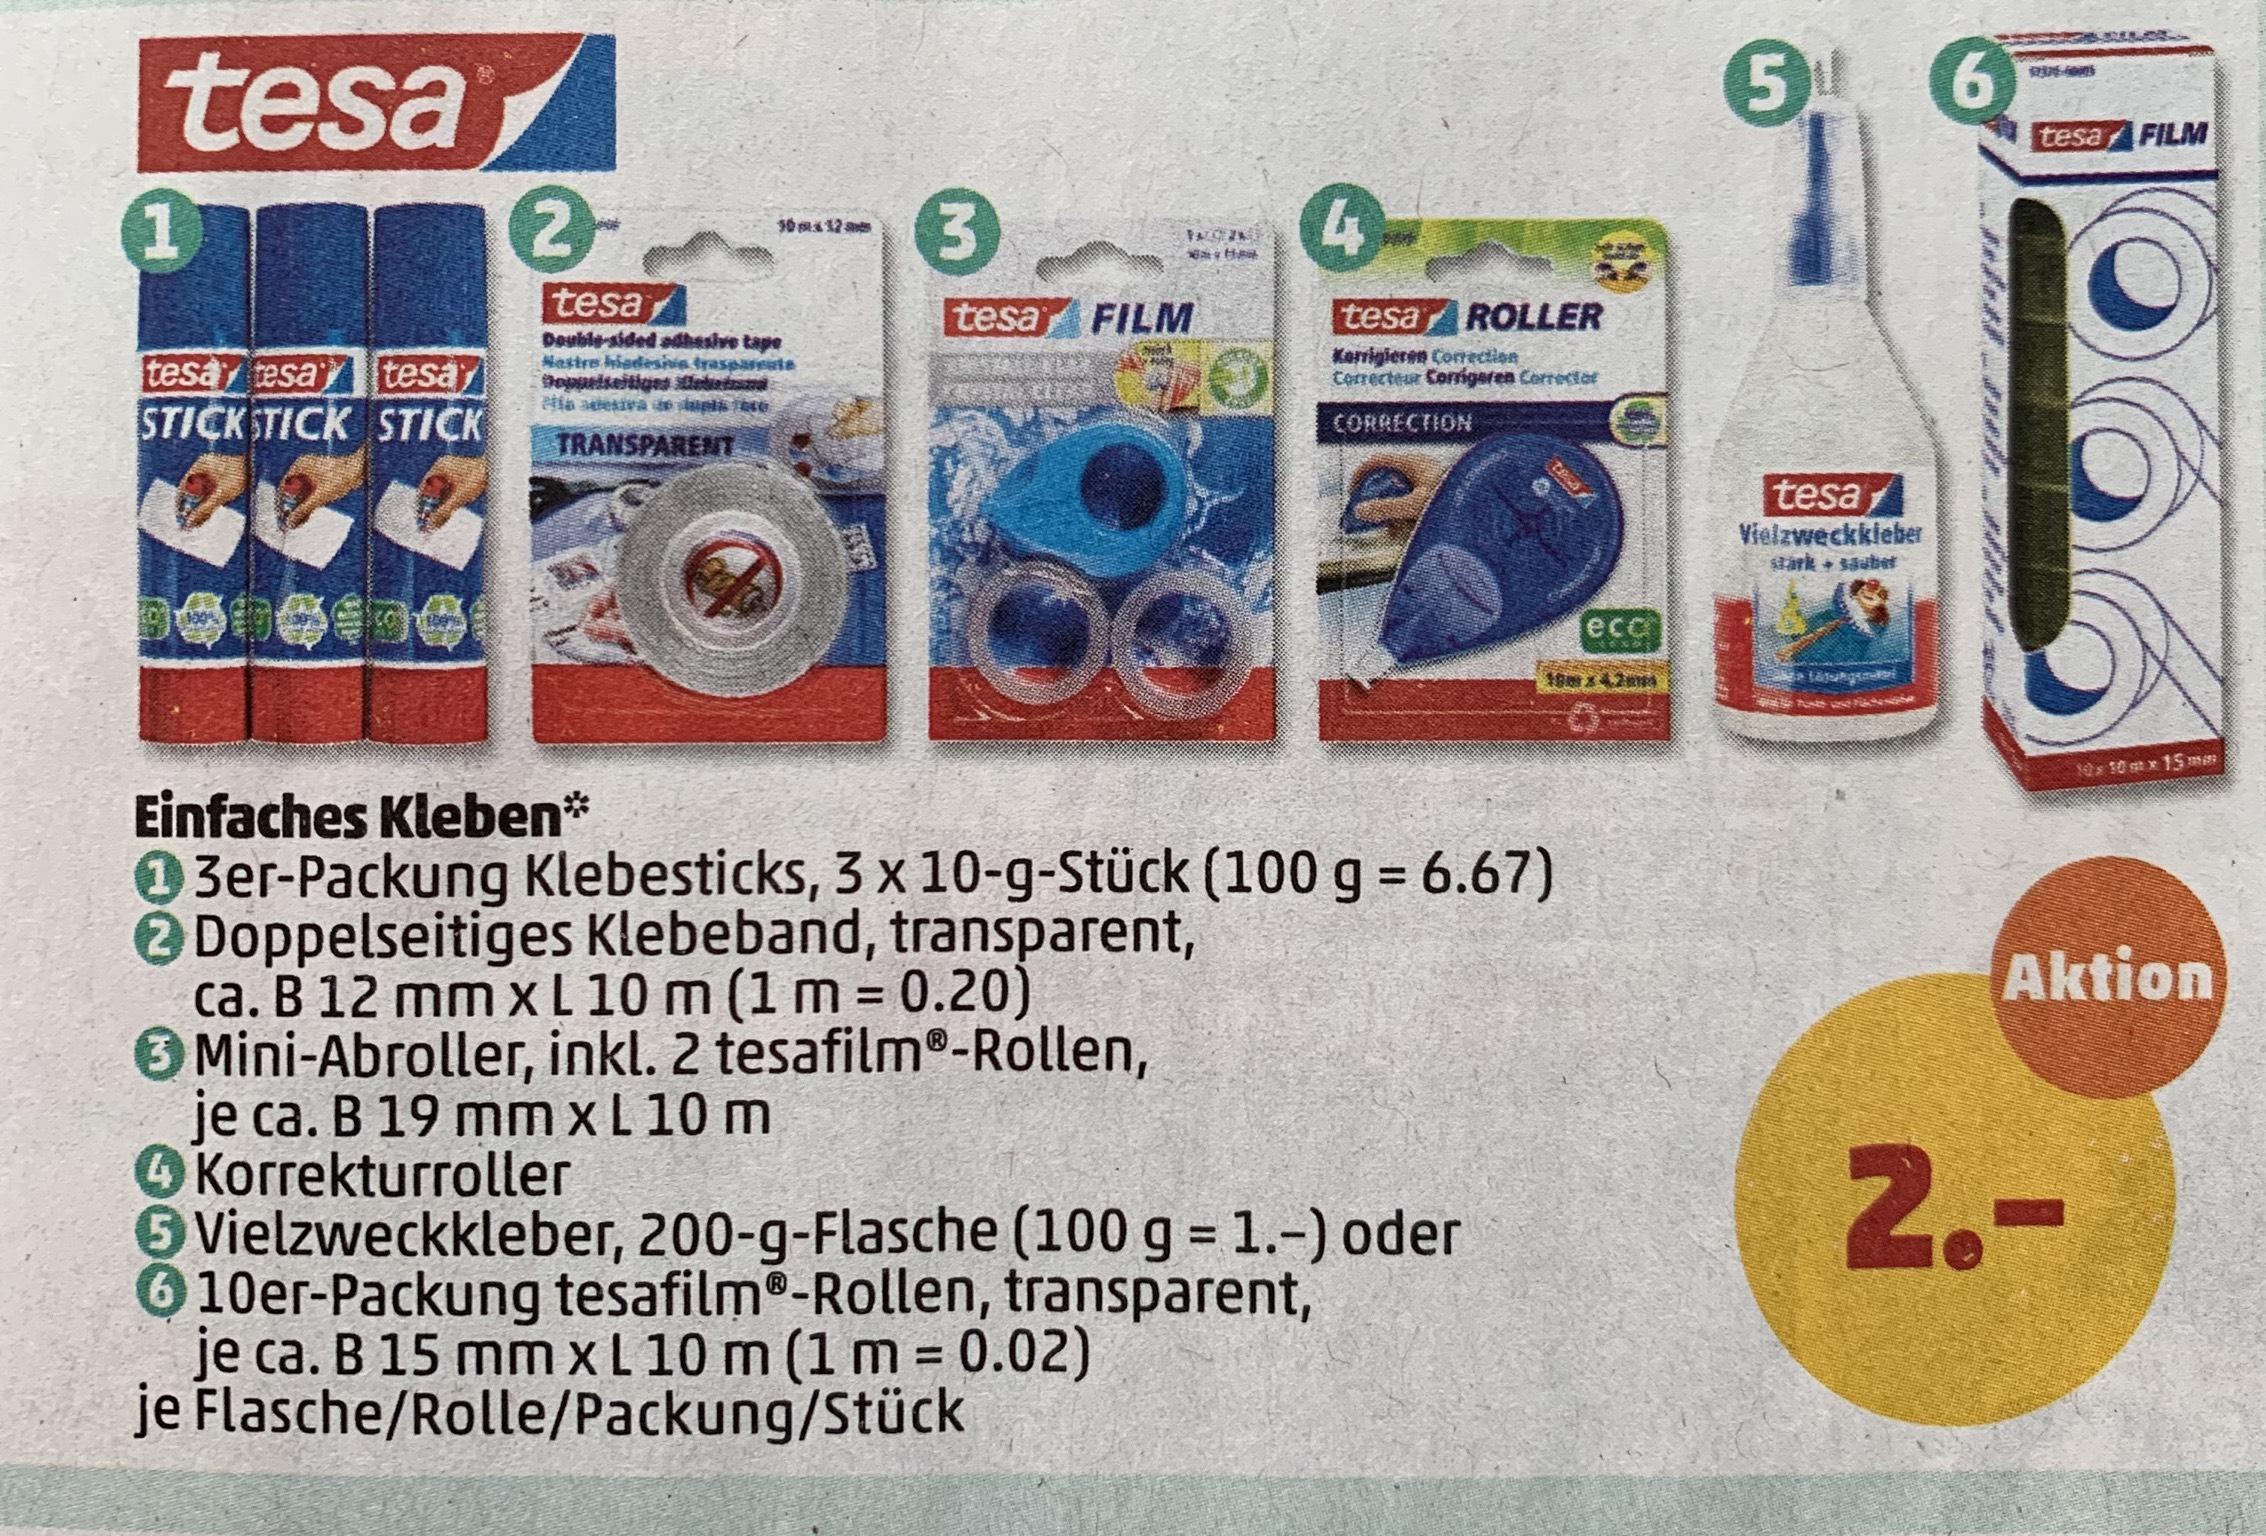 [Penny] Verschiedene Tesa Produkte, z.B. 10 Rollen 57370 Tesafilm für 2€